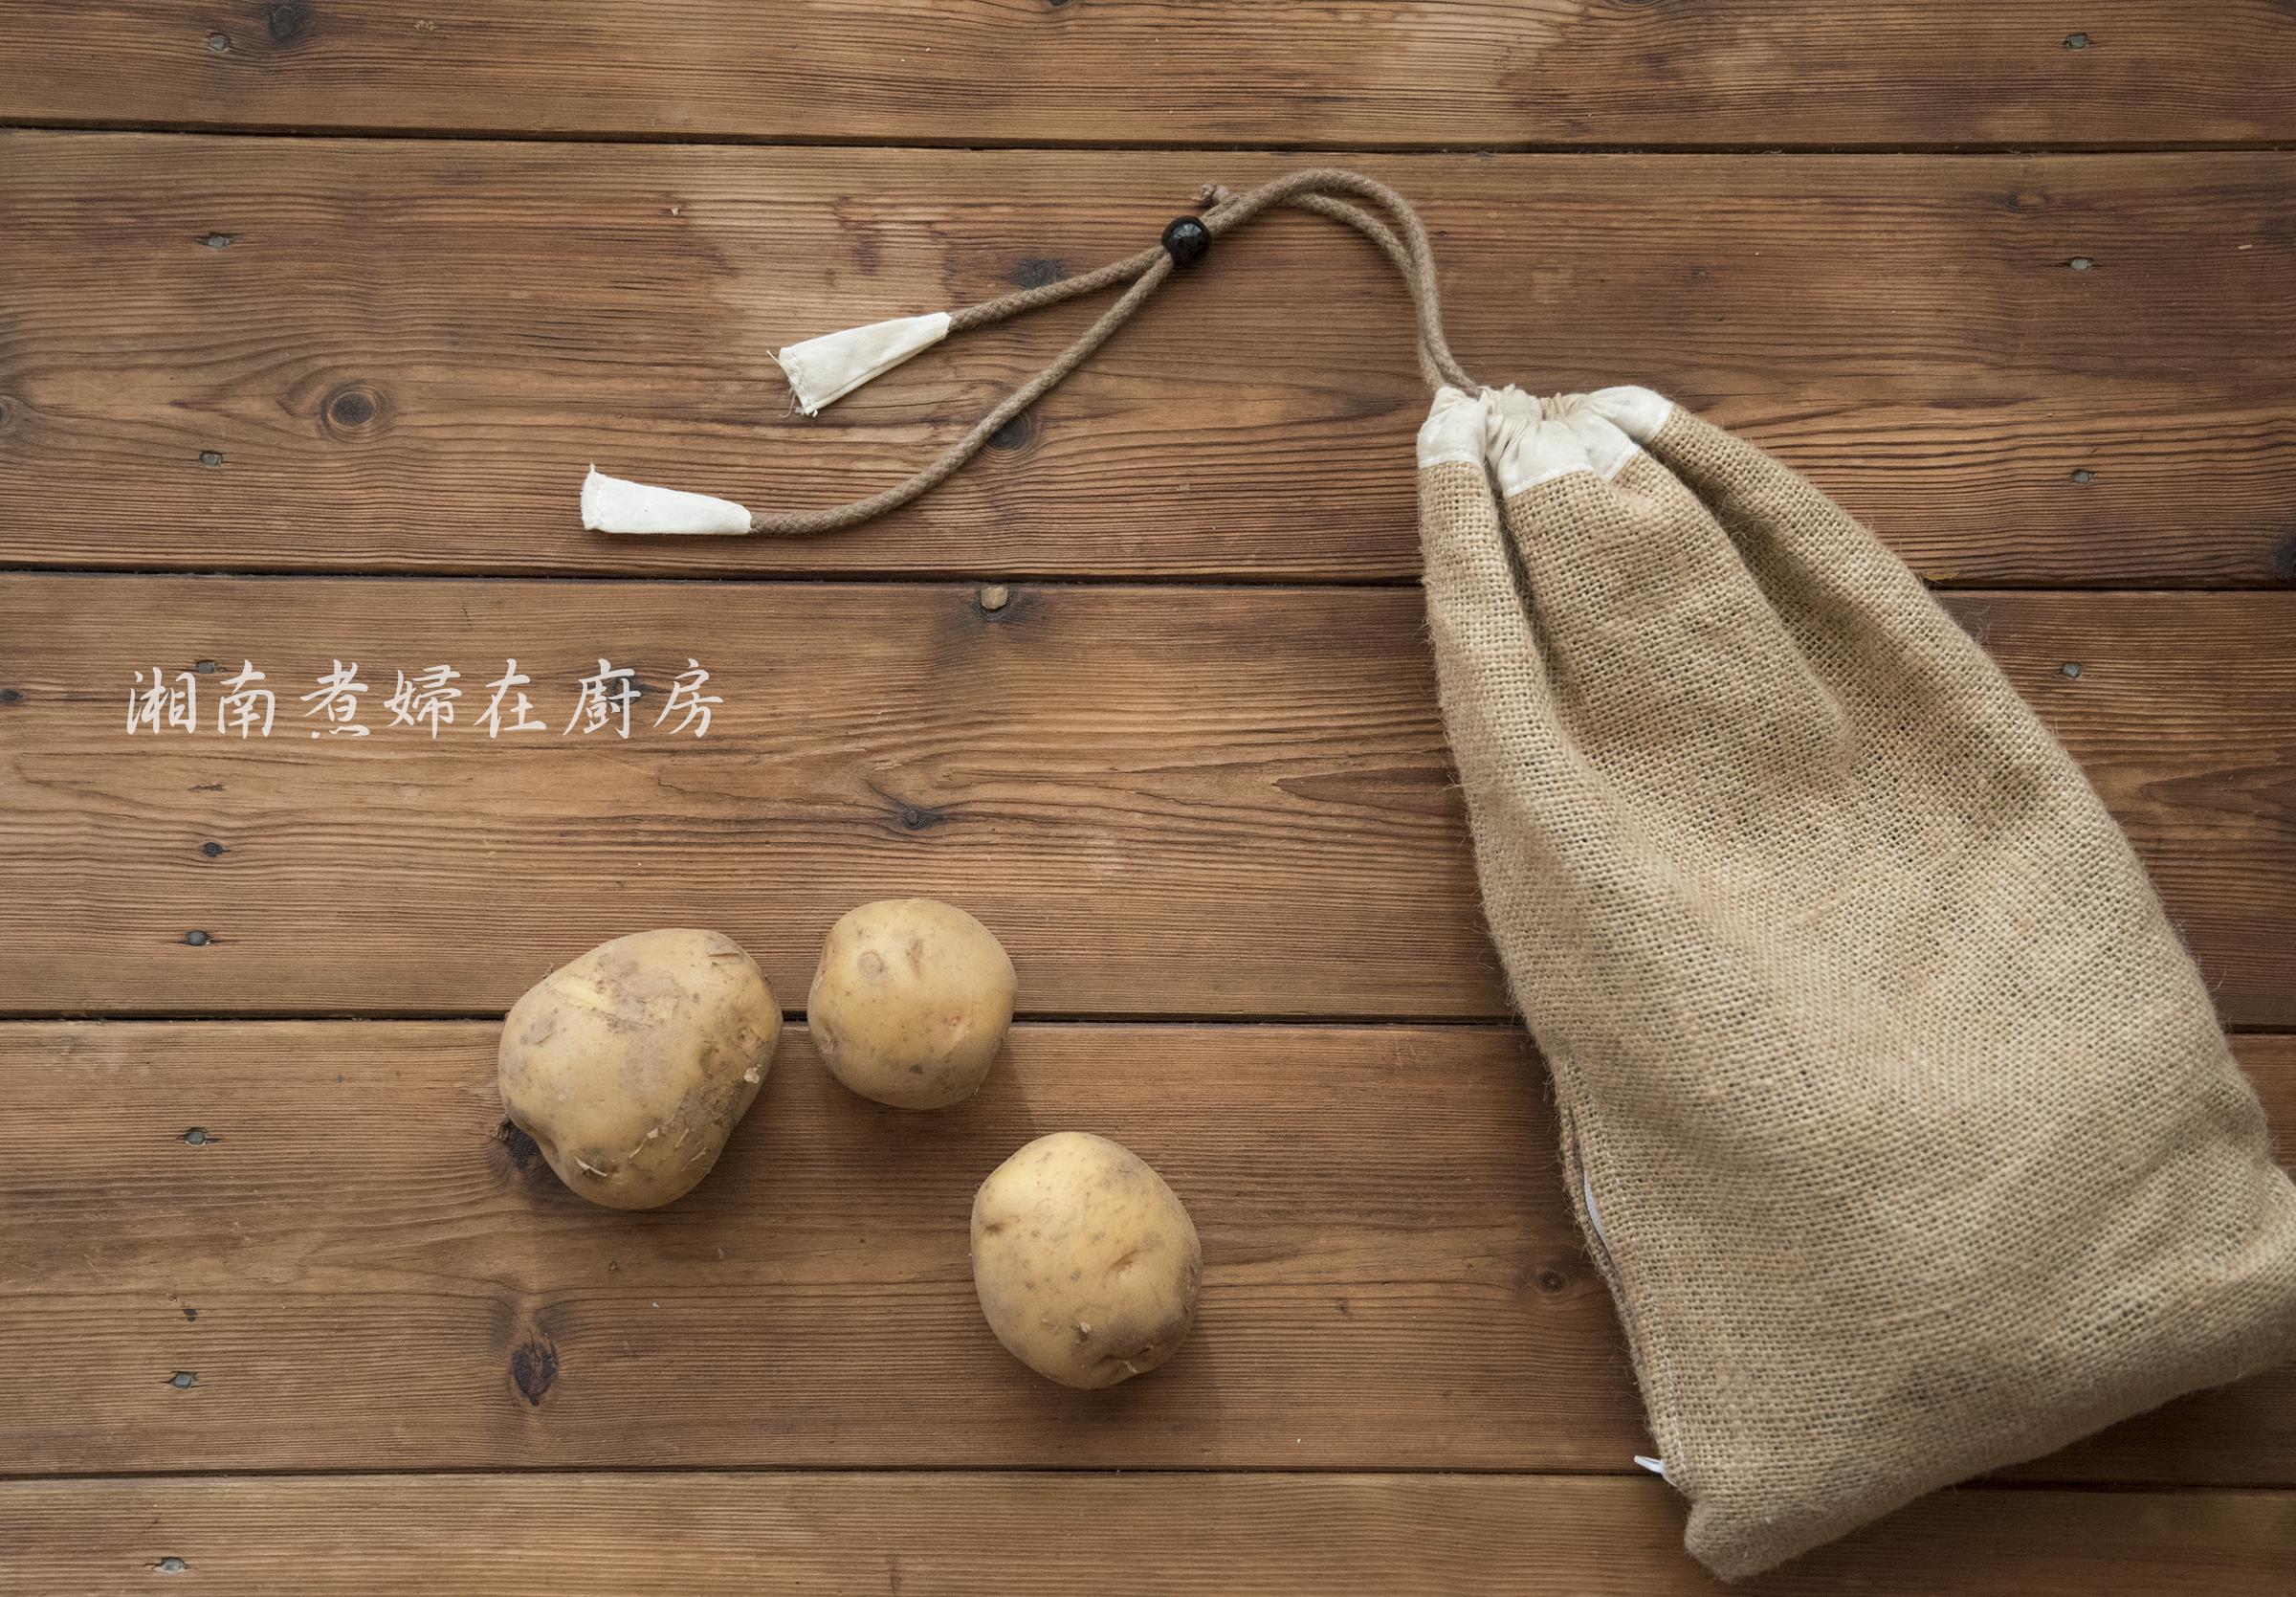 boiledpotatoes_DSC_5211